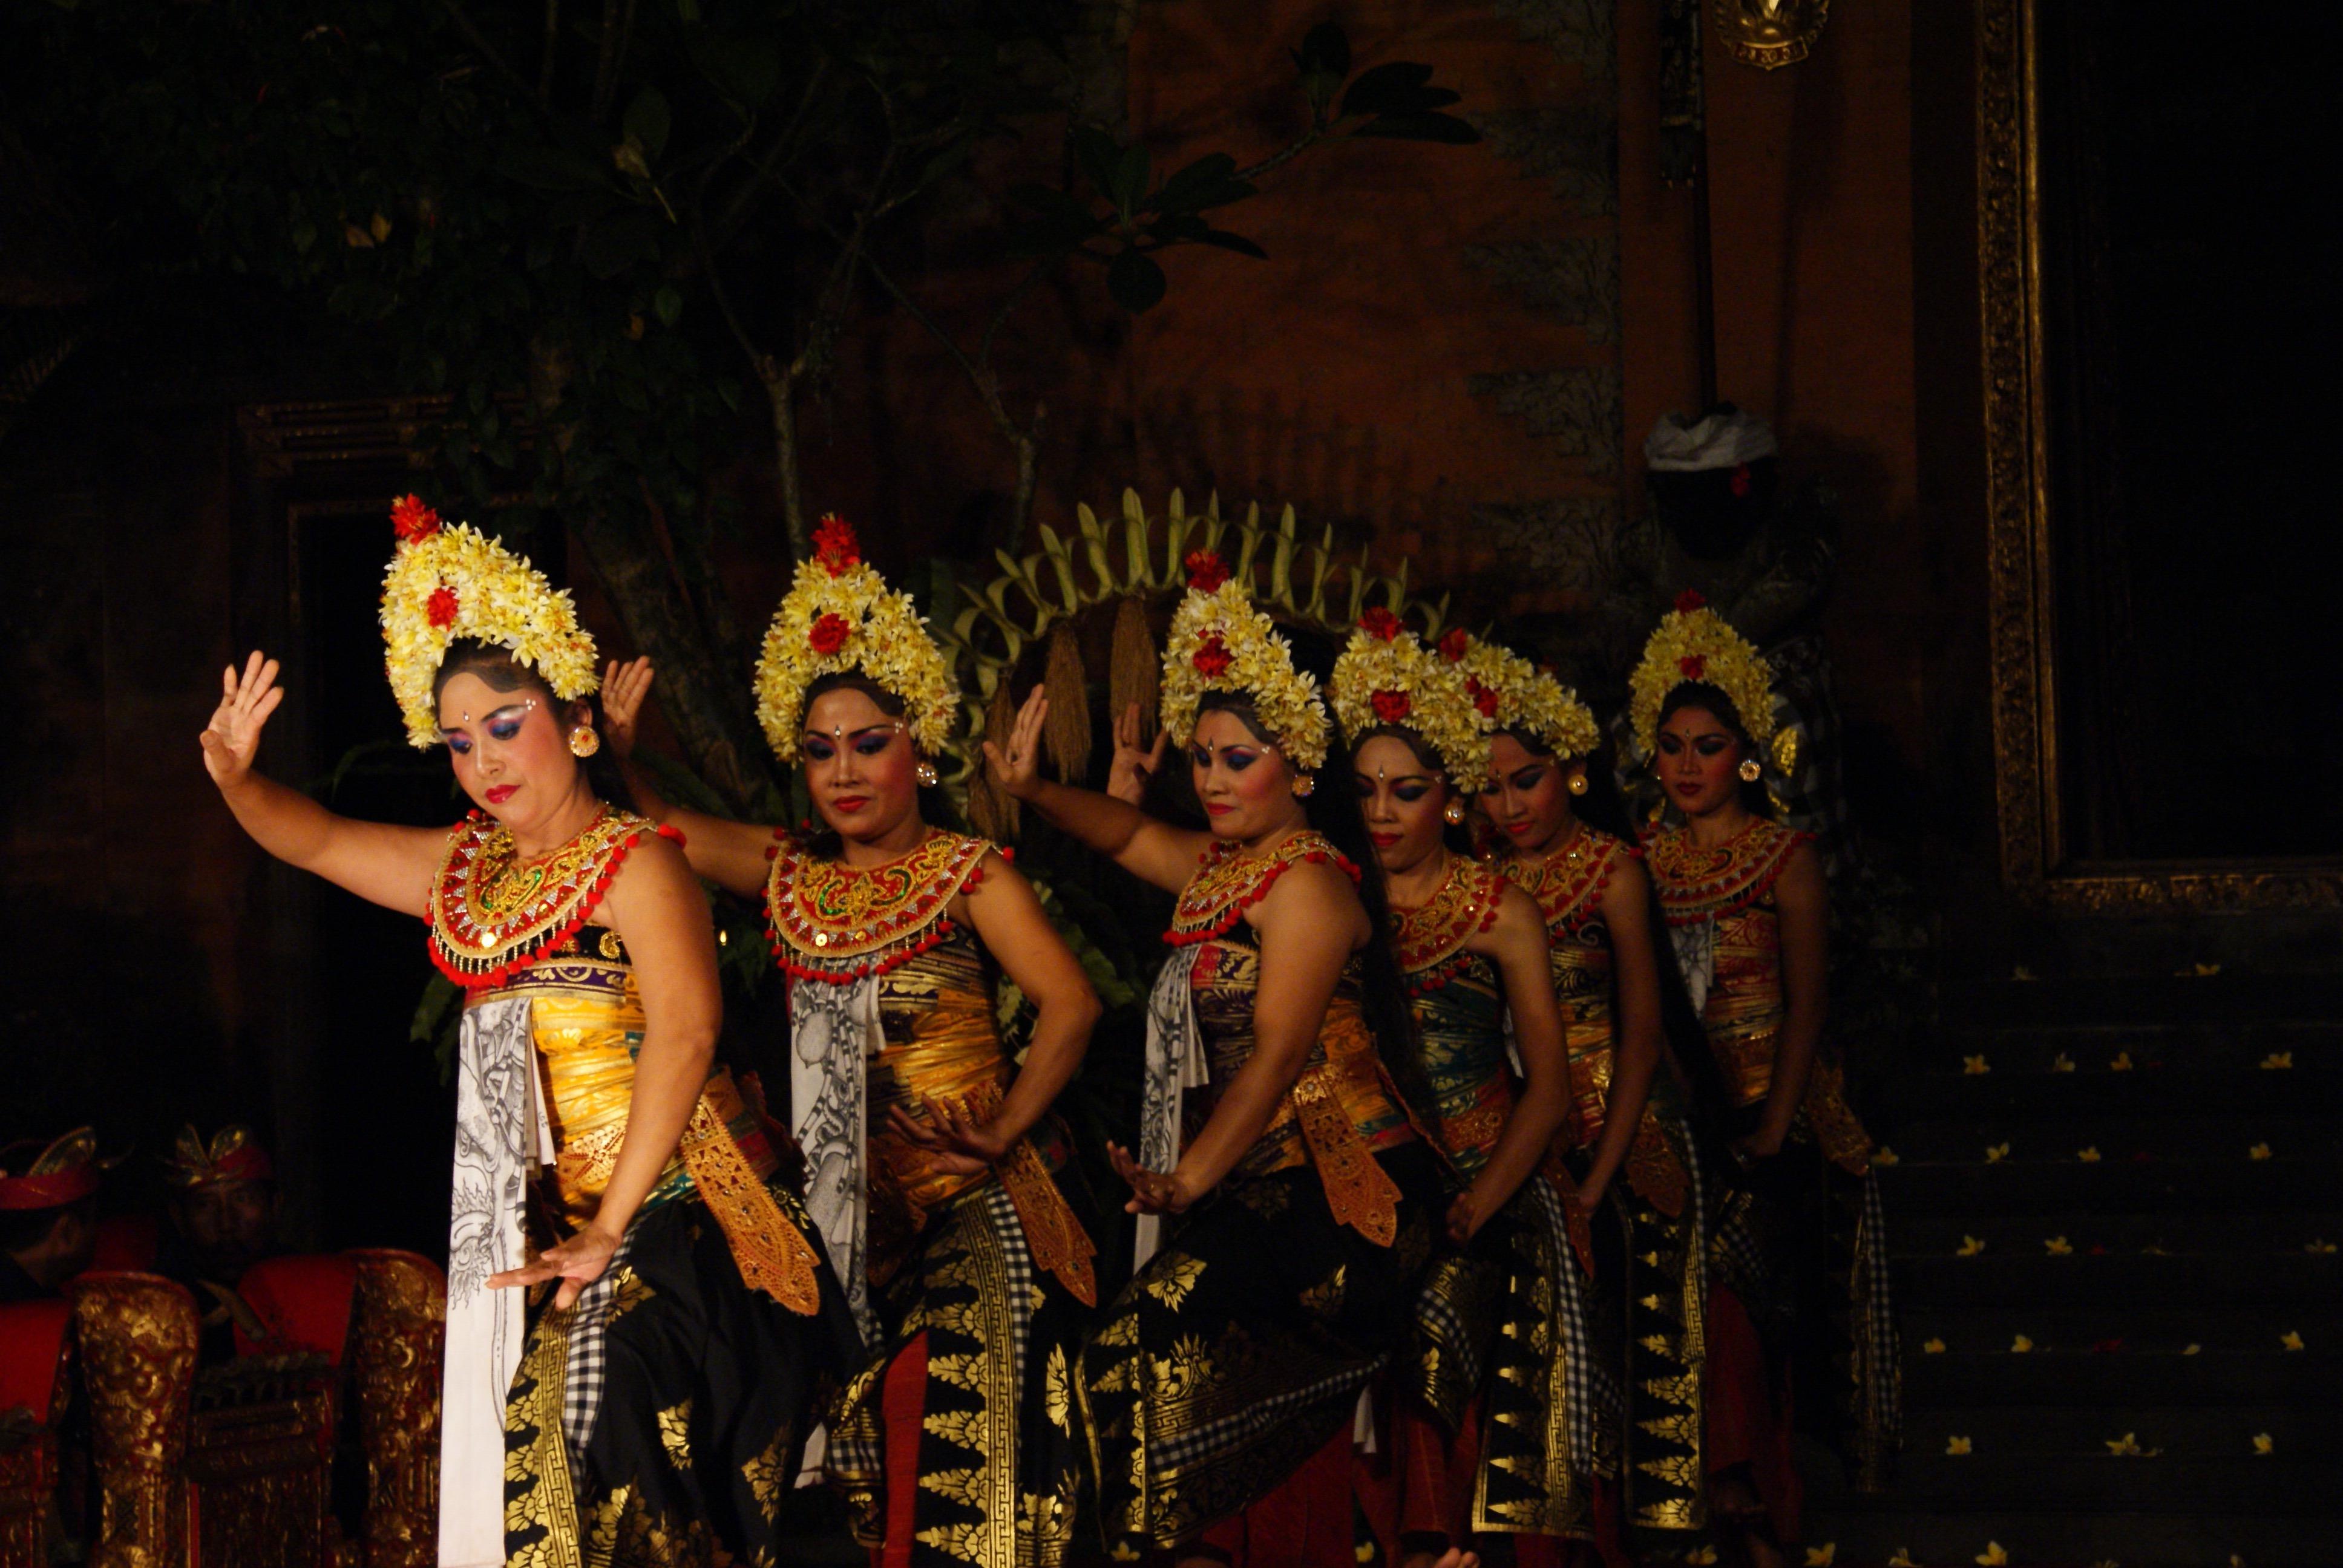 Balinese dancing in Ubud #indonesia #bali